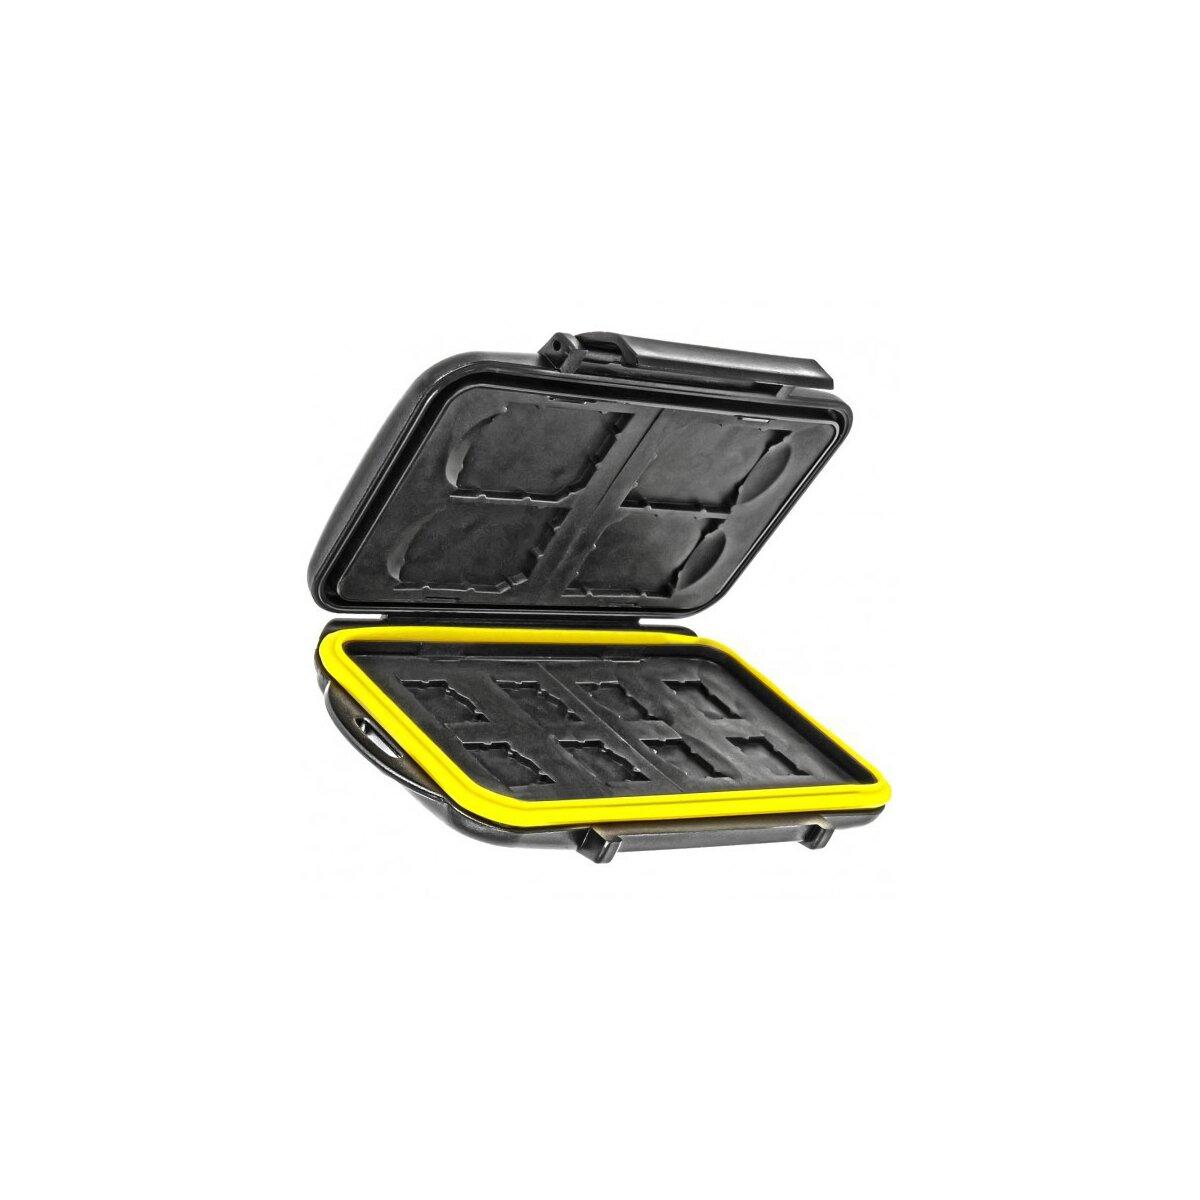 Wasserdichtes Speicherkarten Hardcase Etui Schutzbox fuer 4x SD SDHC, SDXC und 8x MicroSD